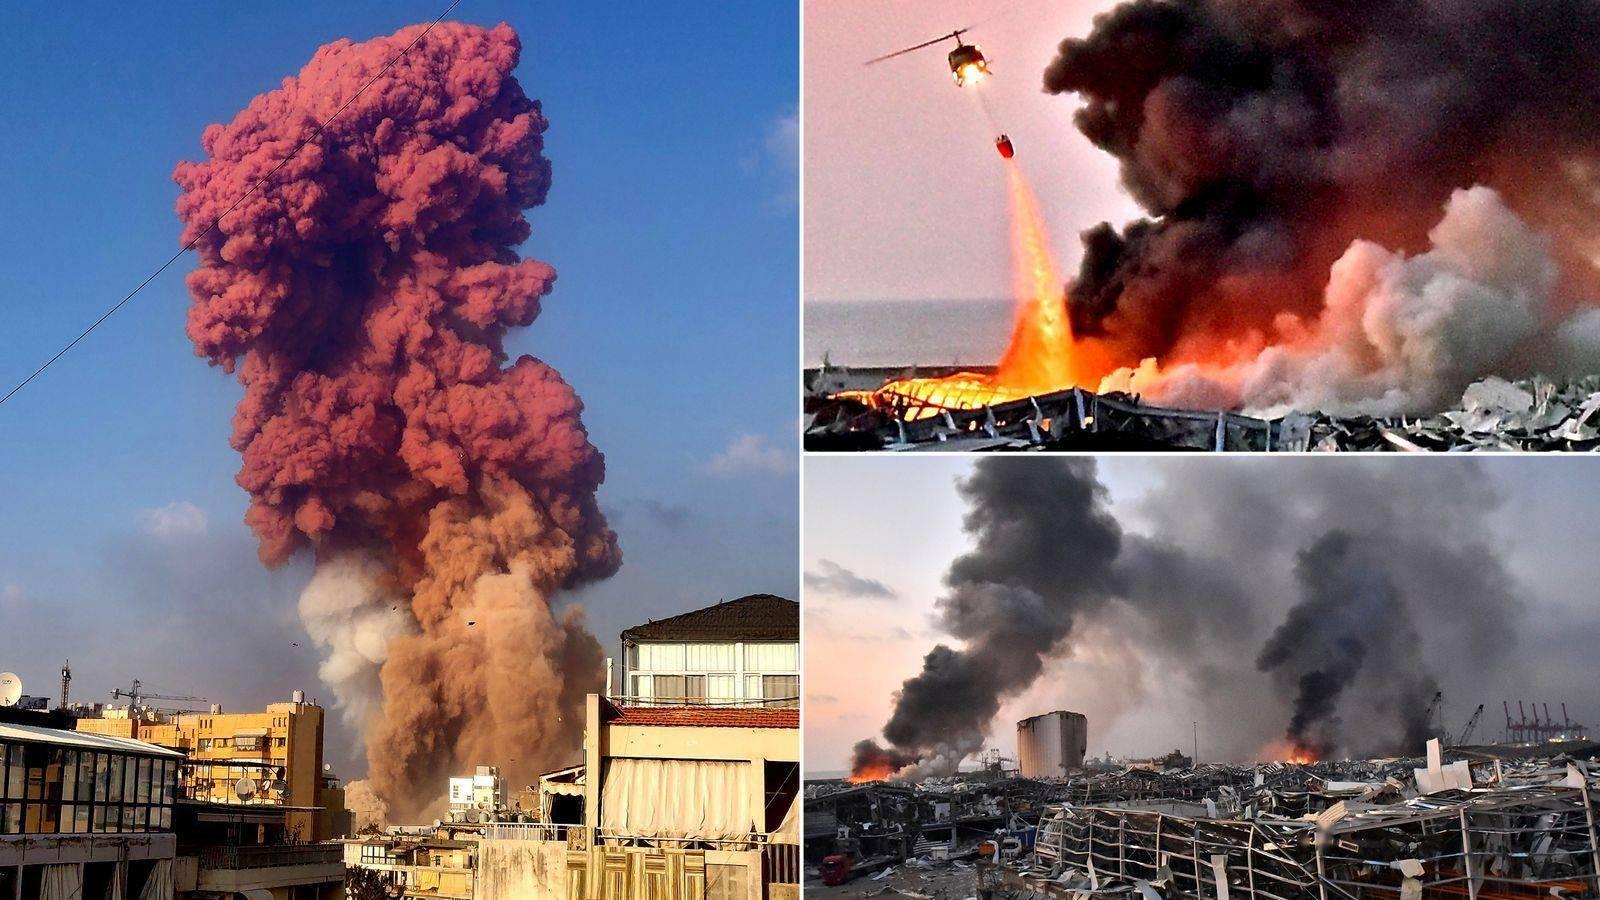 贝鲁特爆炸事件余波:黎巴嫩政府已辞职,意大利爆破专家称起因不是硝酸铵,或是军用导弹_意大利新闻_意大利中文网